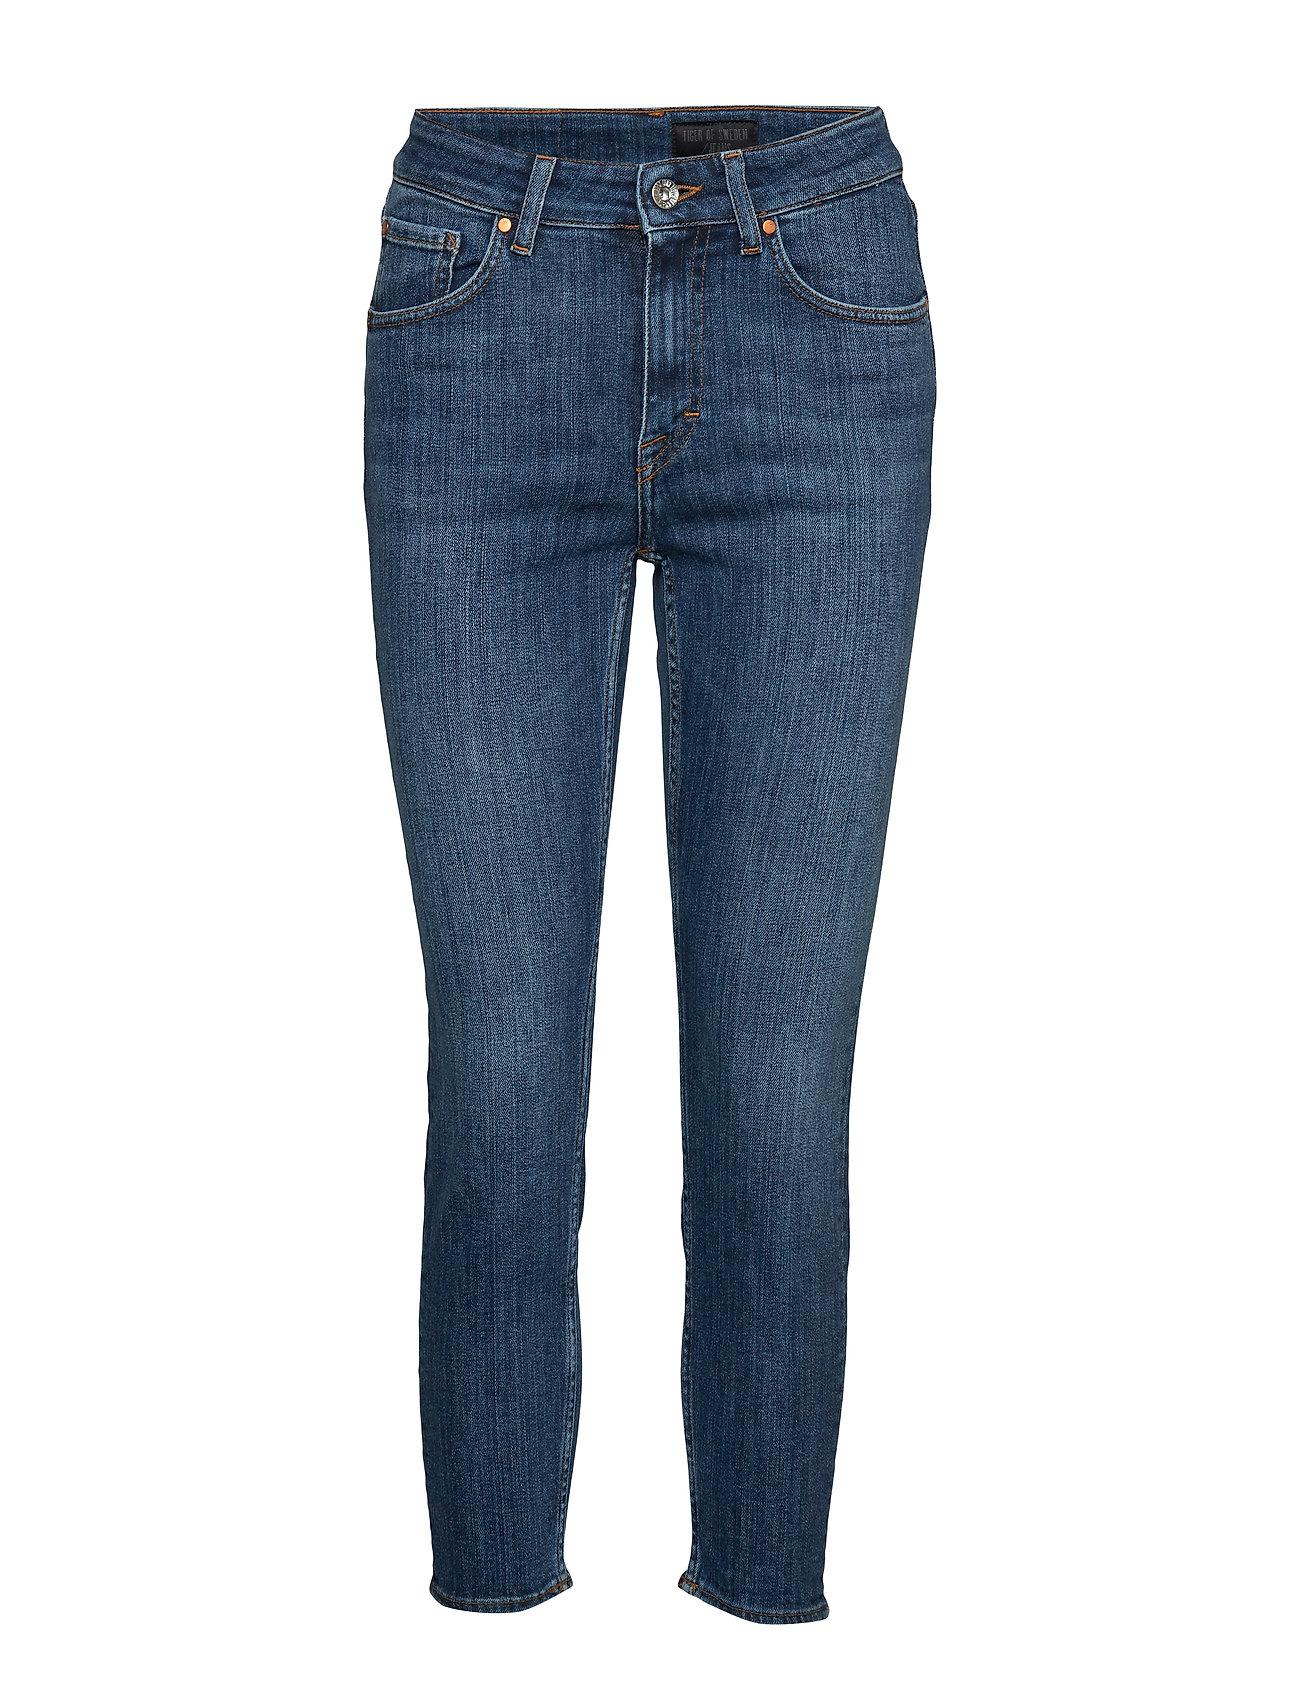 Tiger of Sweden Jeans LEA - MEDIUM BLUE